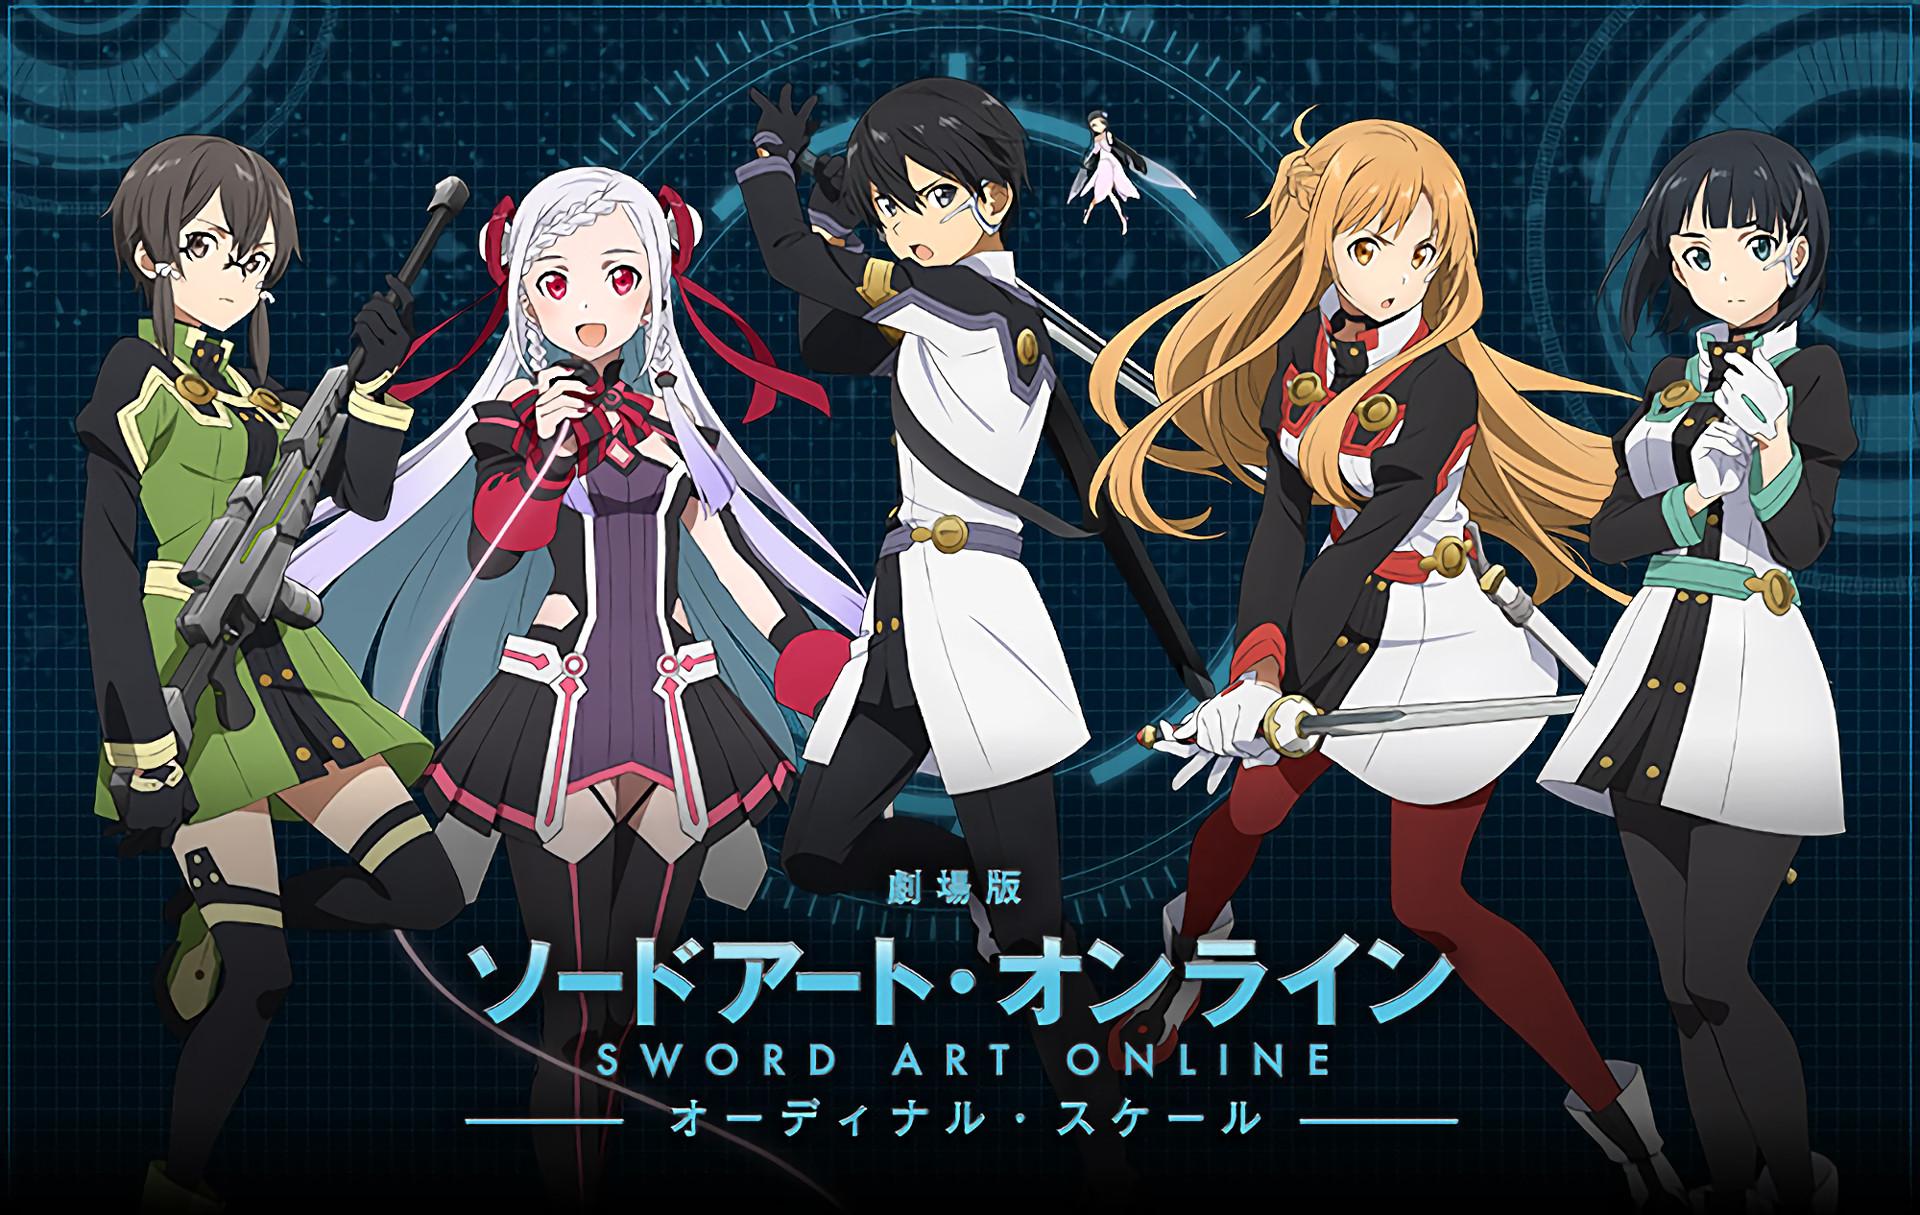 Sword Art Online Sinon Wallpaper 76 Images